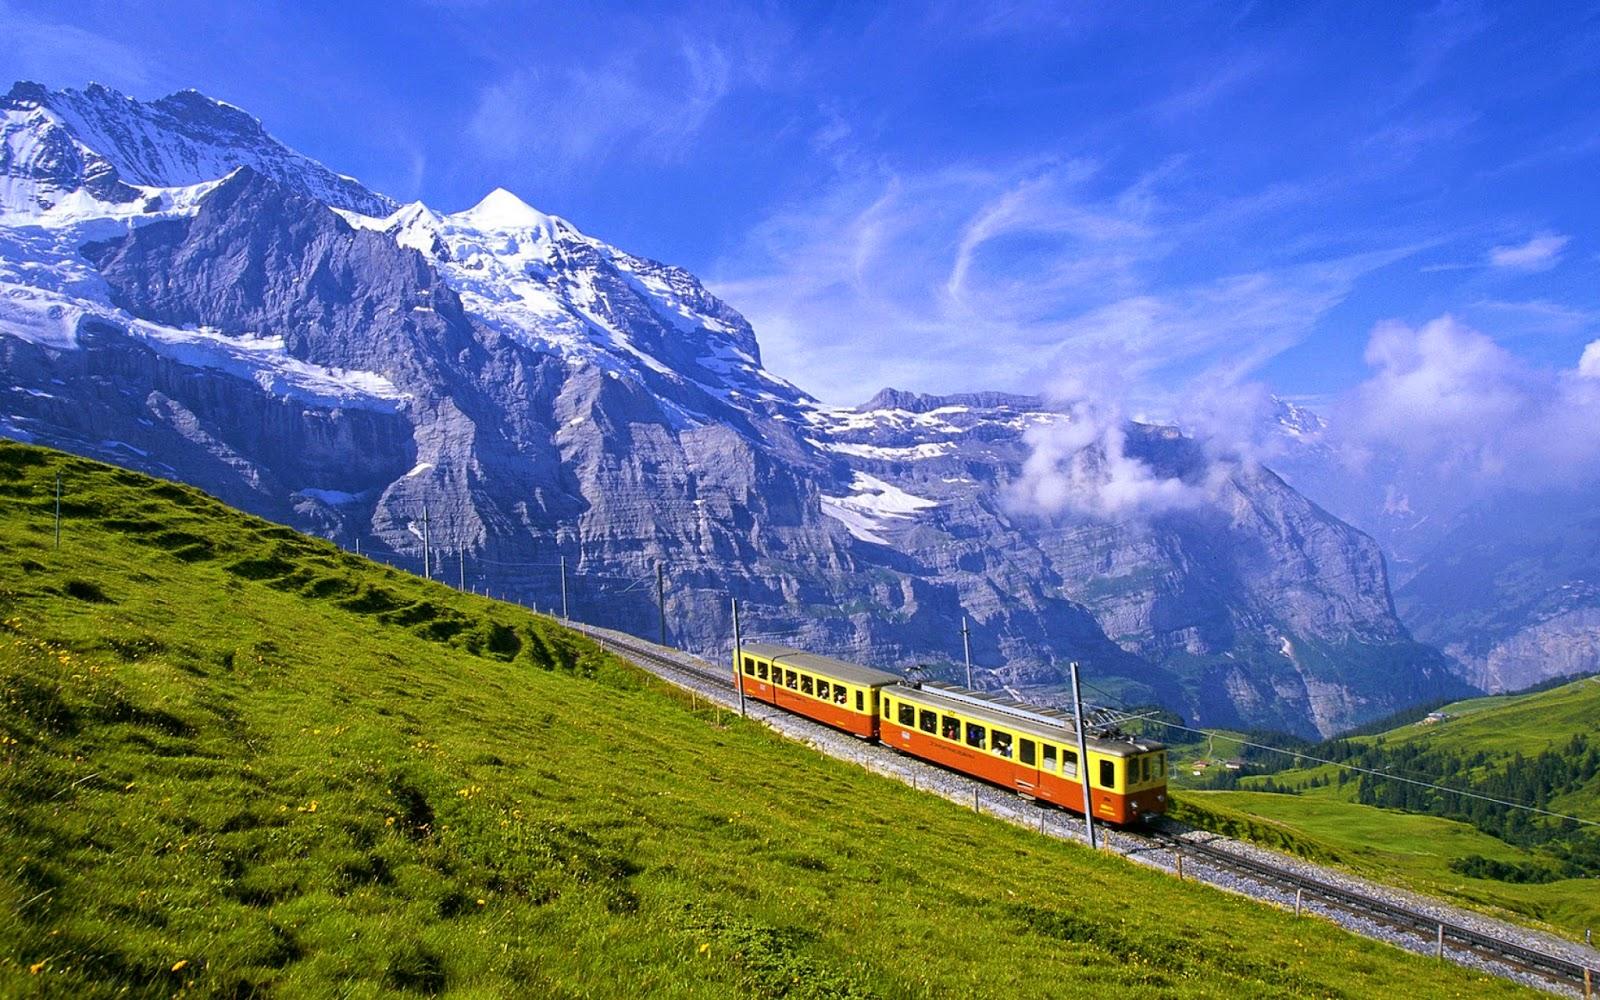 Wallpaper met trein in de bergen